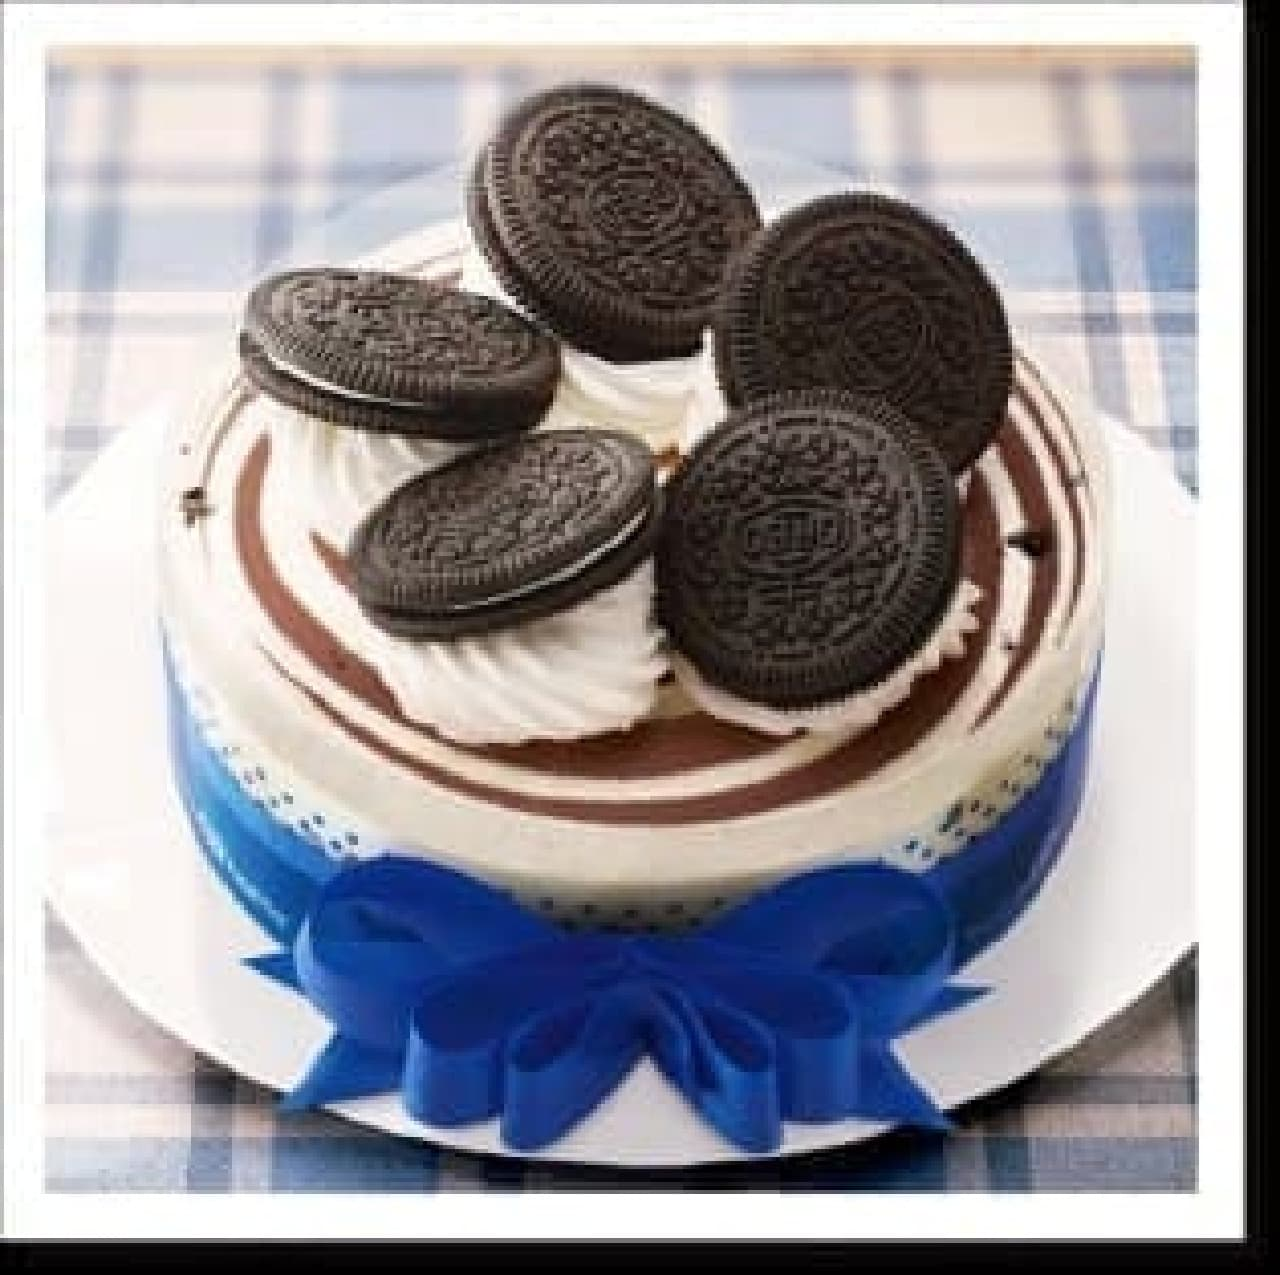 サーティワン アイスクリーム「オレオ チョコレートケーキ」